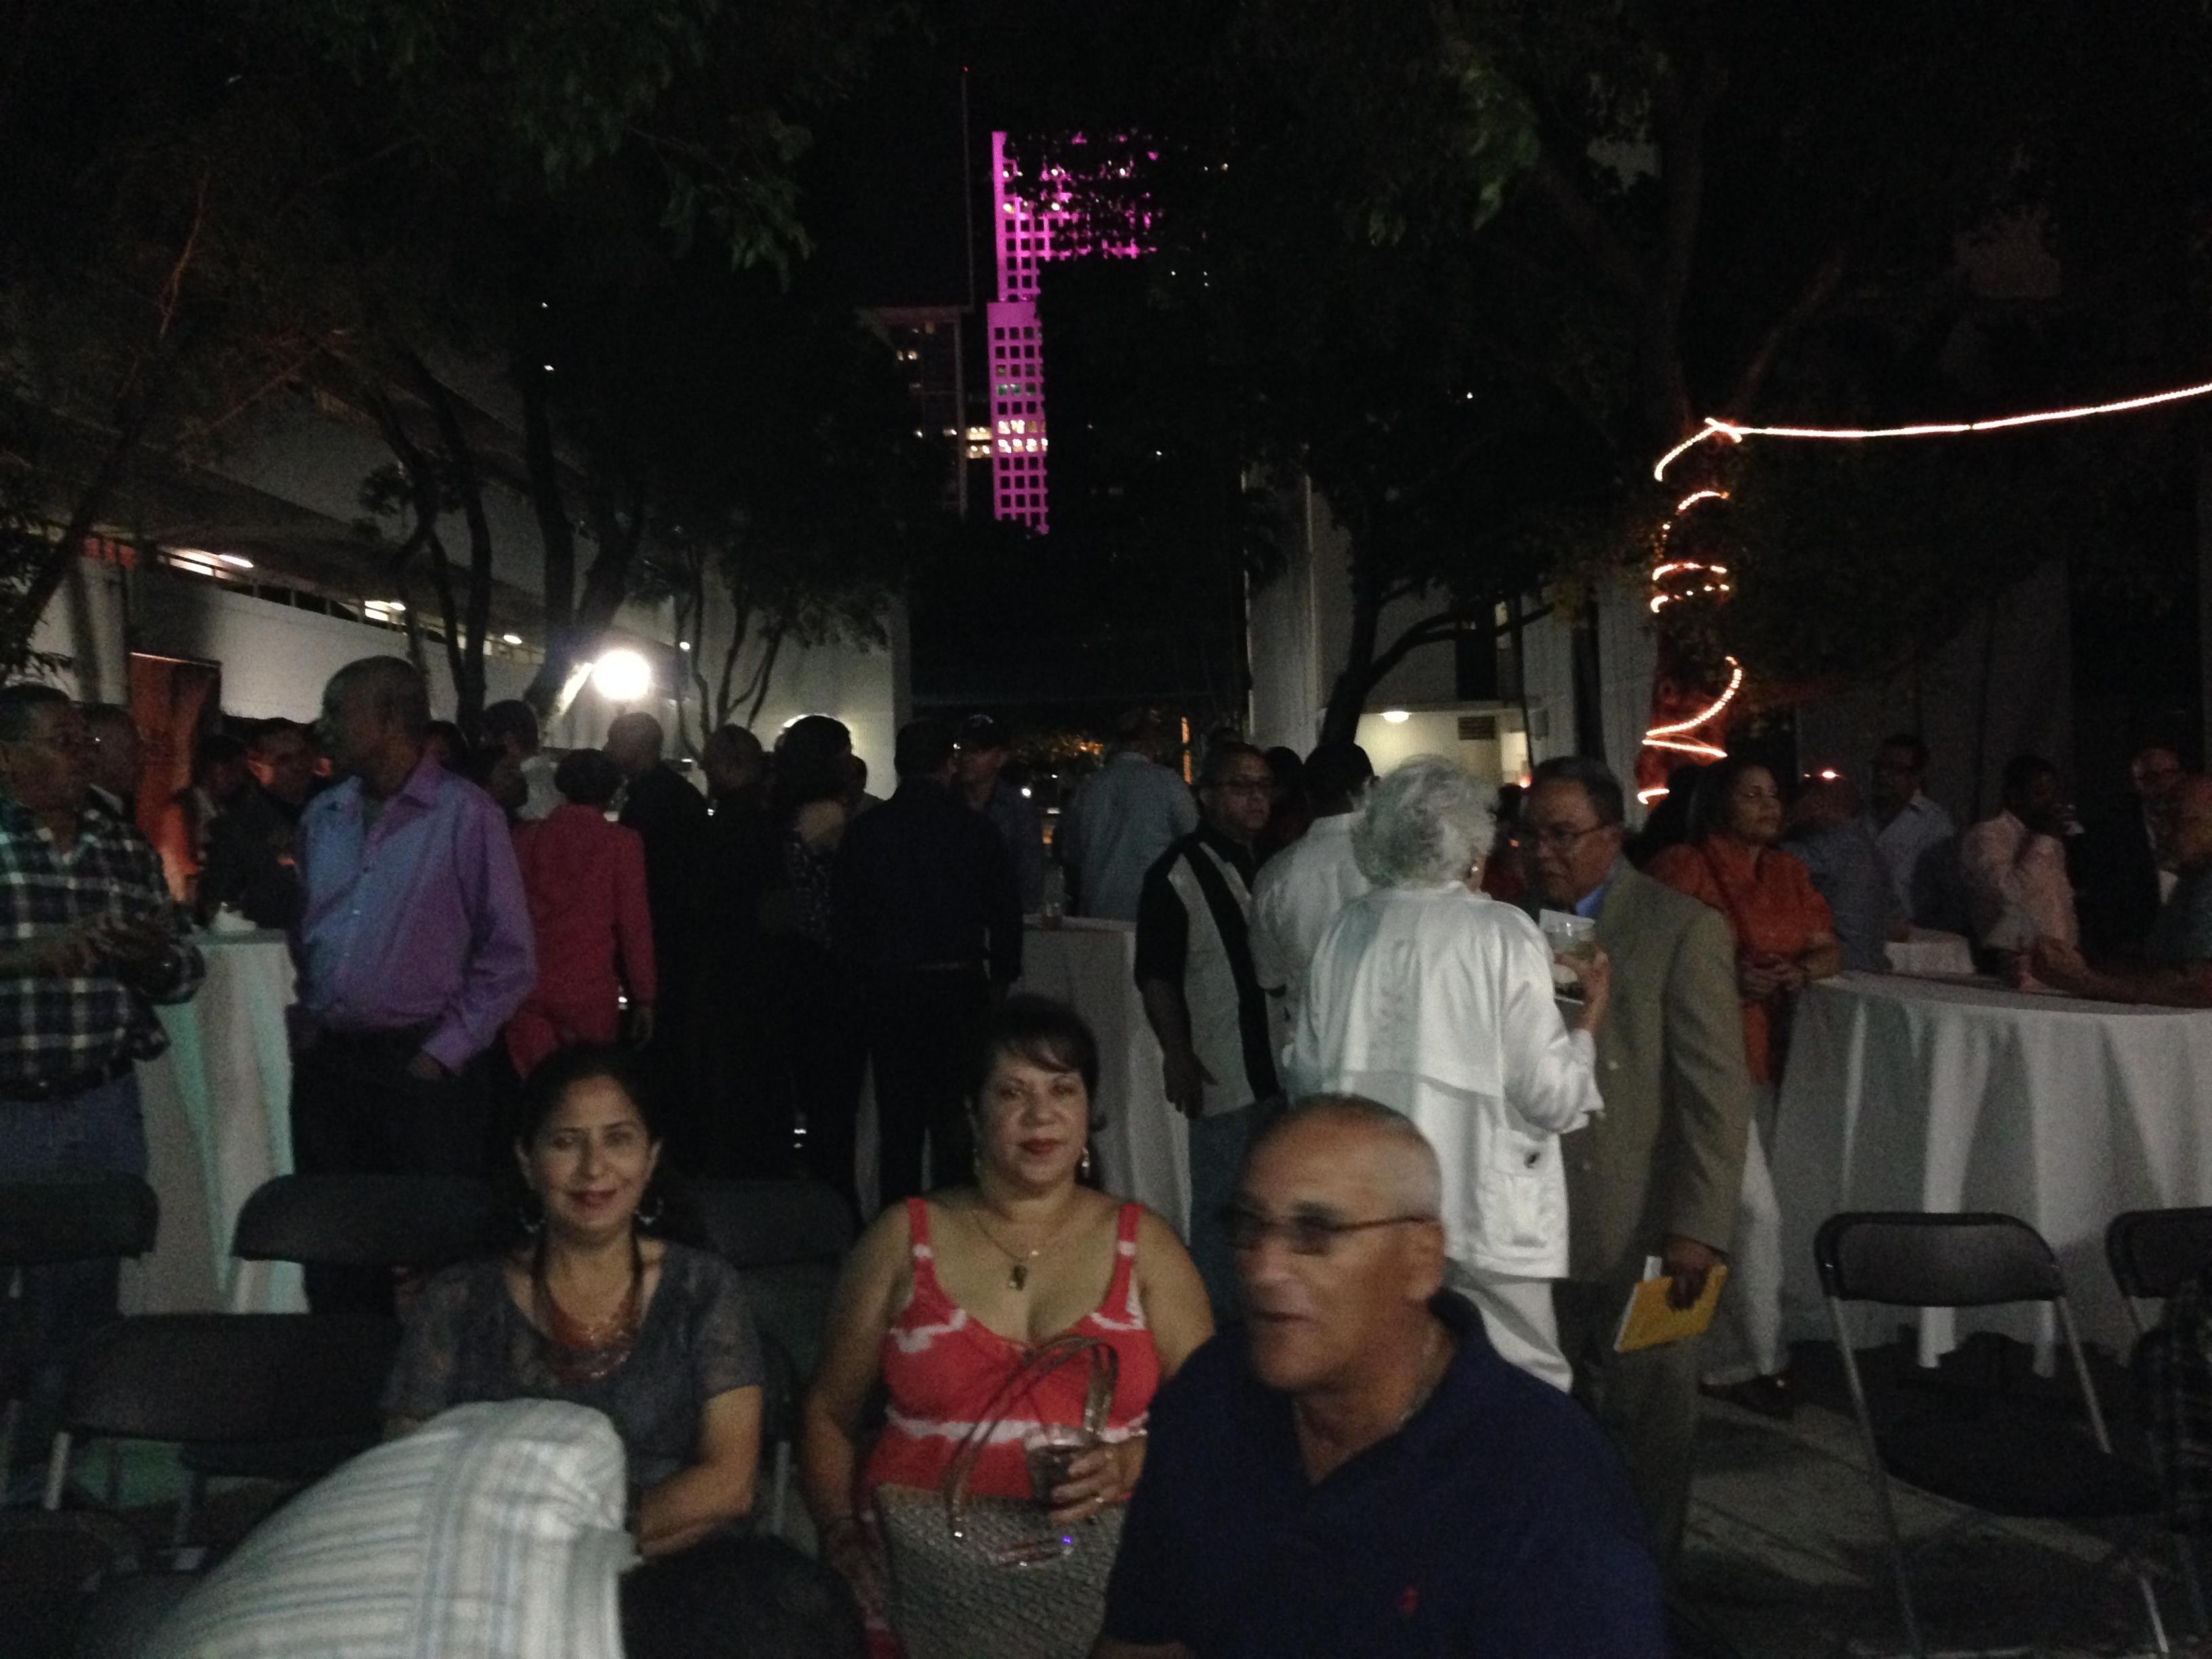 ACTO ORGANIZADO POR GLENDA GALAN, DE DOMINICANA EN MIAMI, EN EL CONSULADO DOMINICANO.